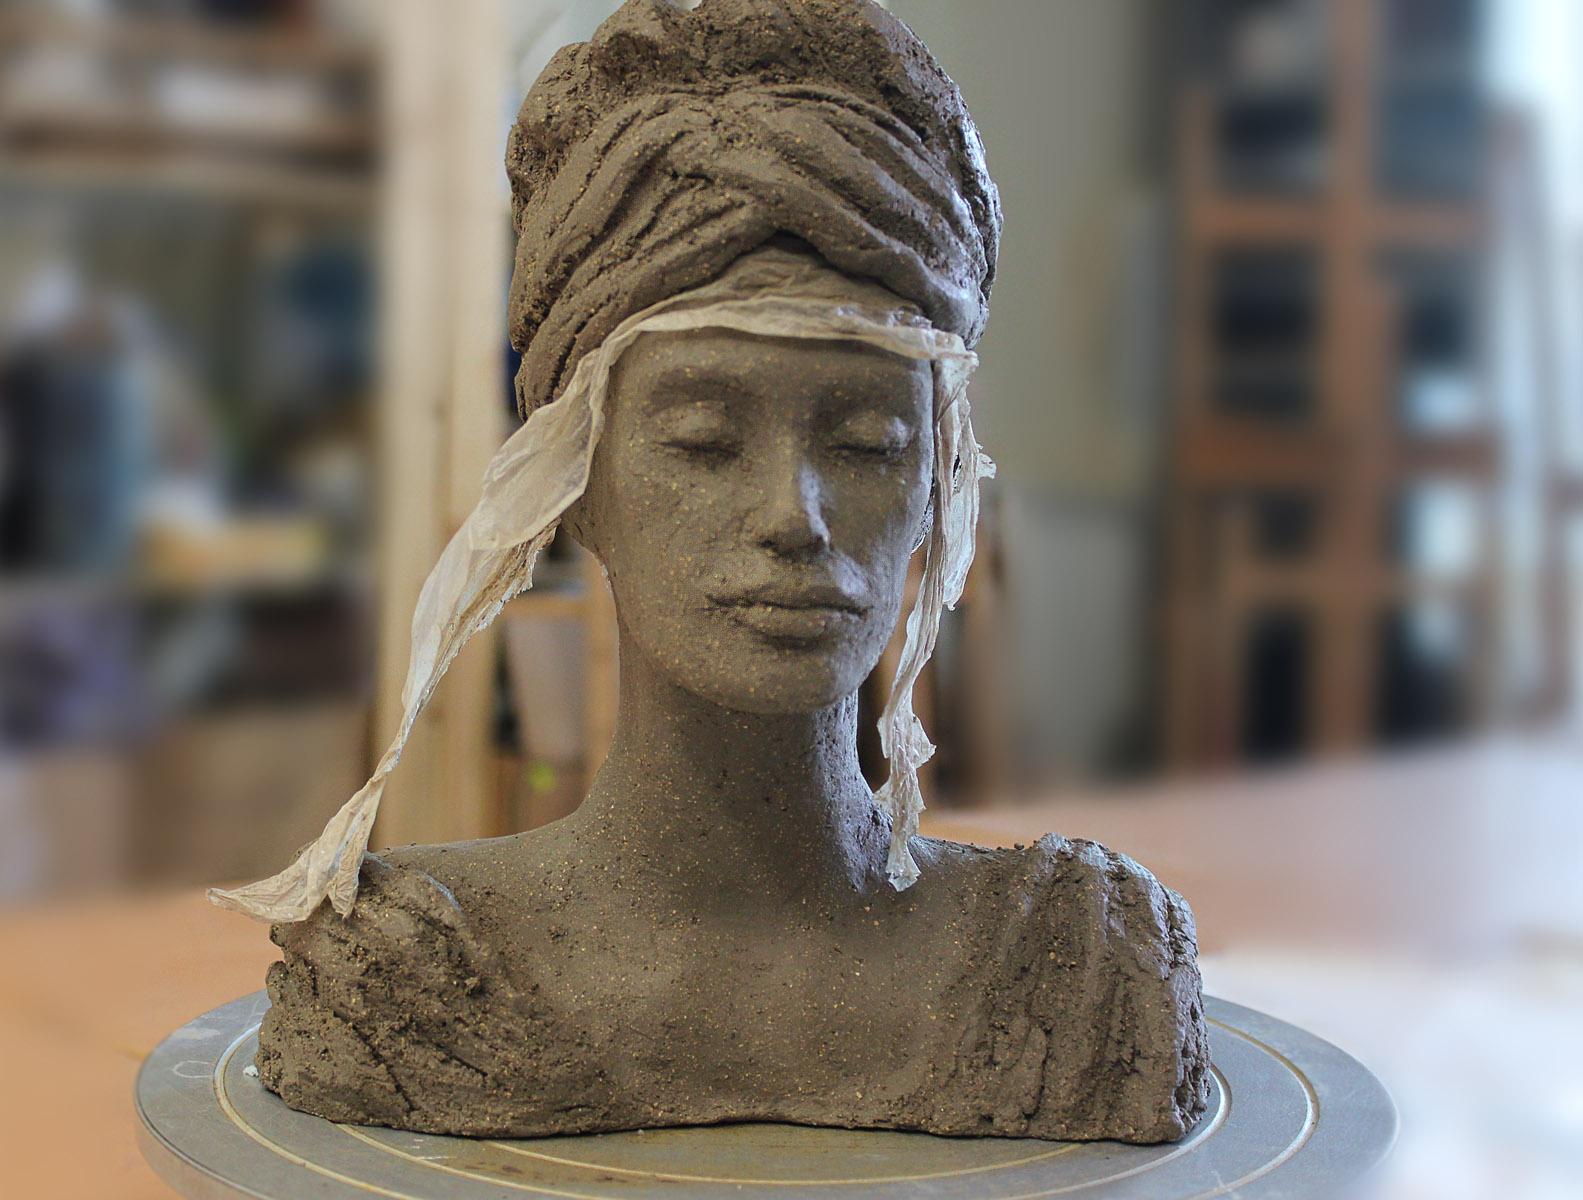 Głowa - ceramika artystyczna, końcowy etap prac, ArsKinga - Kinga Pawełska